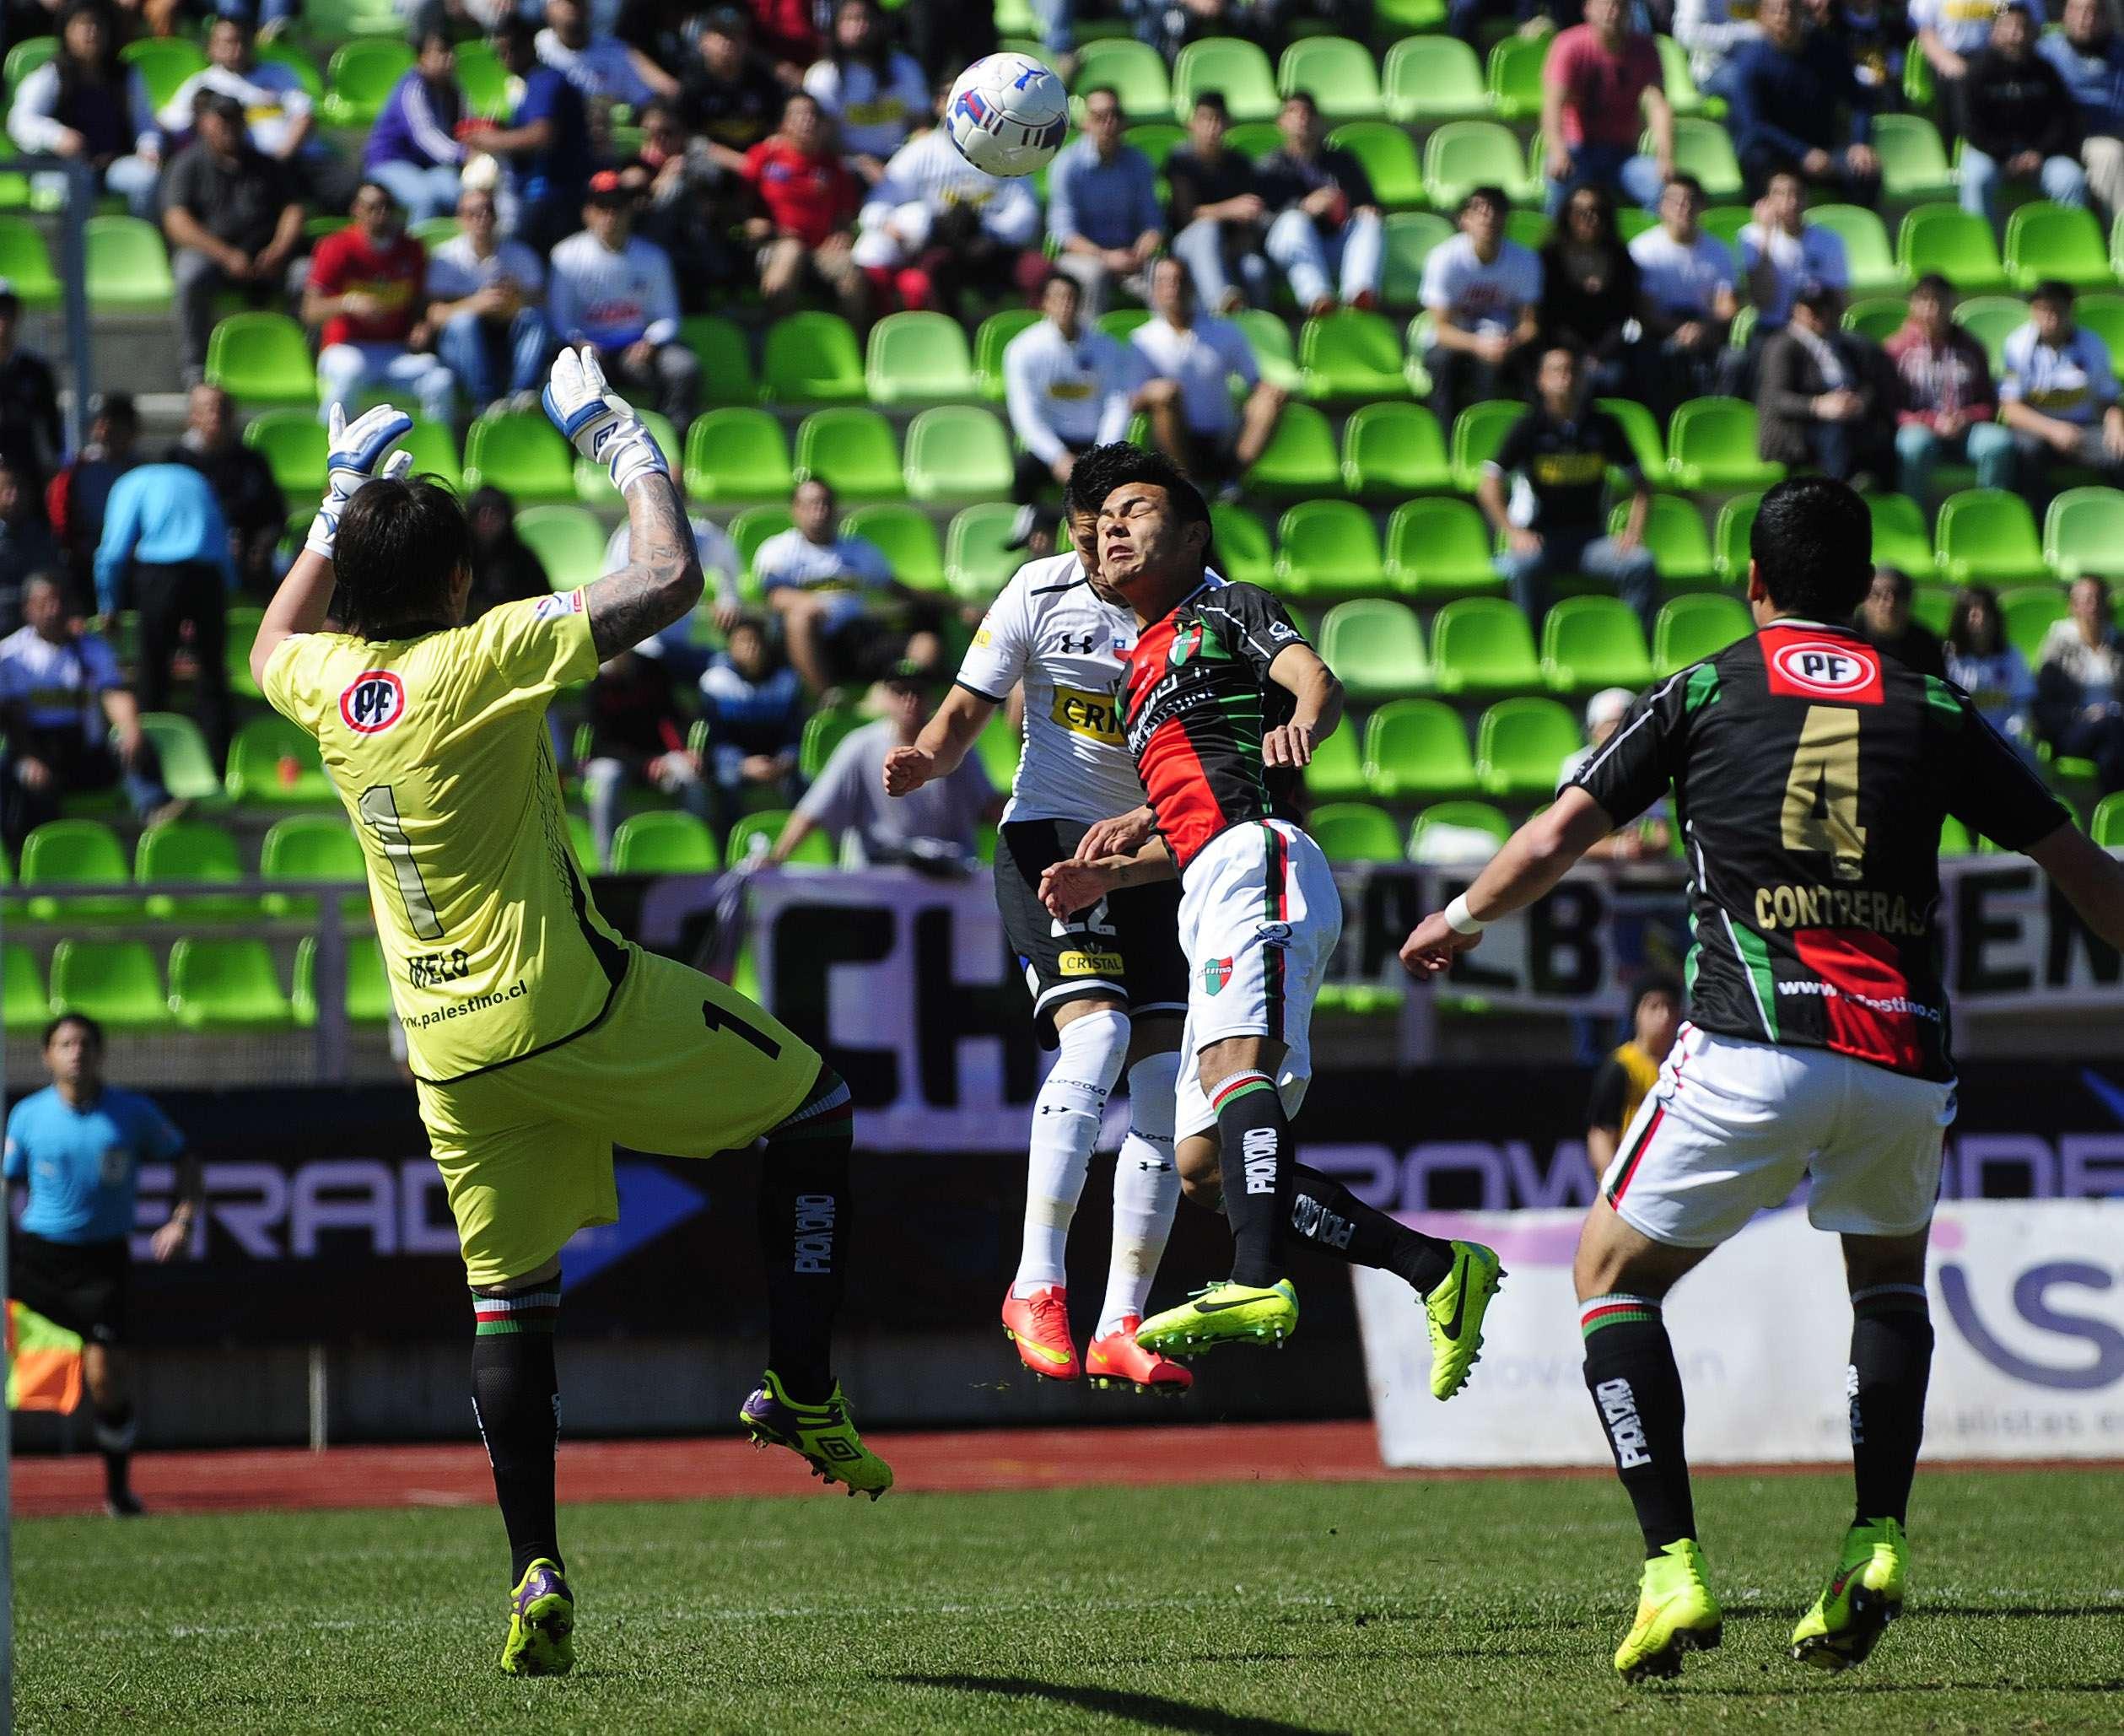 Colo Colo venció por 3-1 a Palestino en Valparaíso y alcanzó momentáneamente a la U en la cima de la tabla de posiciones del Torneo de Apertura.